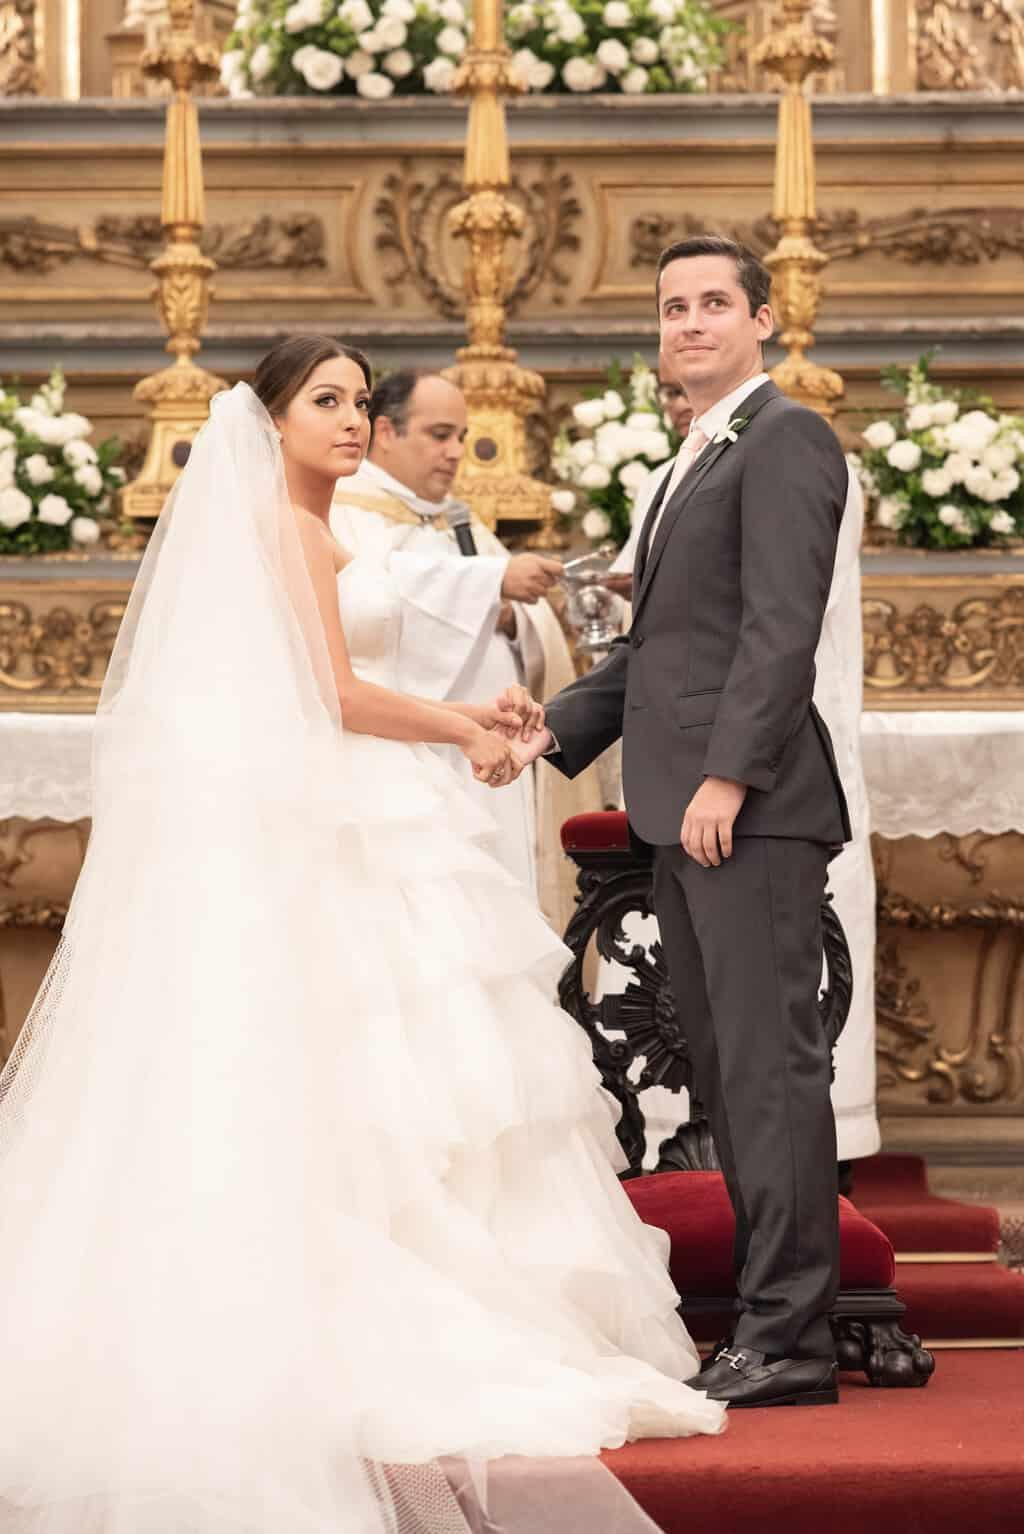 casamento-Karynna-e-Fernando-cerimonia-na-igreja-cerimonial-TCD-Eventos-fotografia-Marina-Fava-Igreja-São-Francisco-de-Paula62